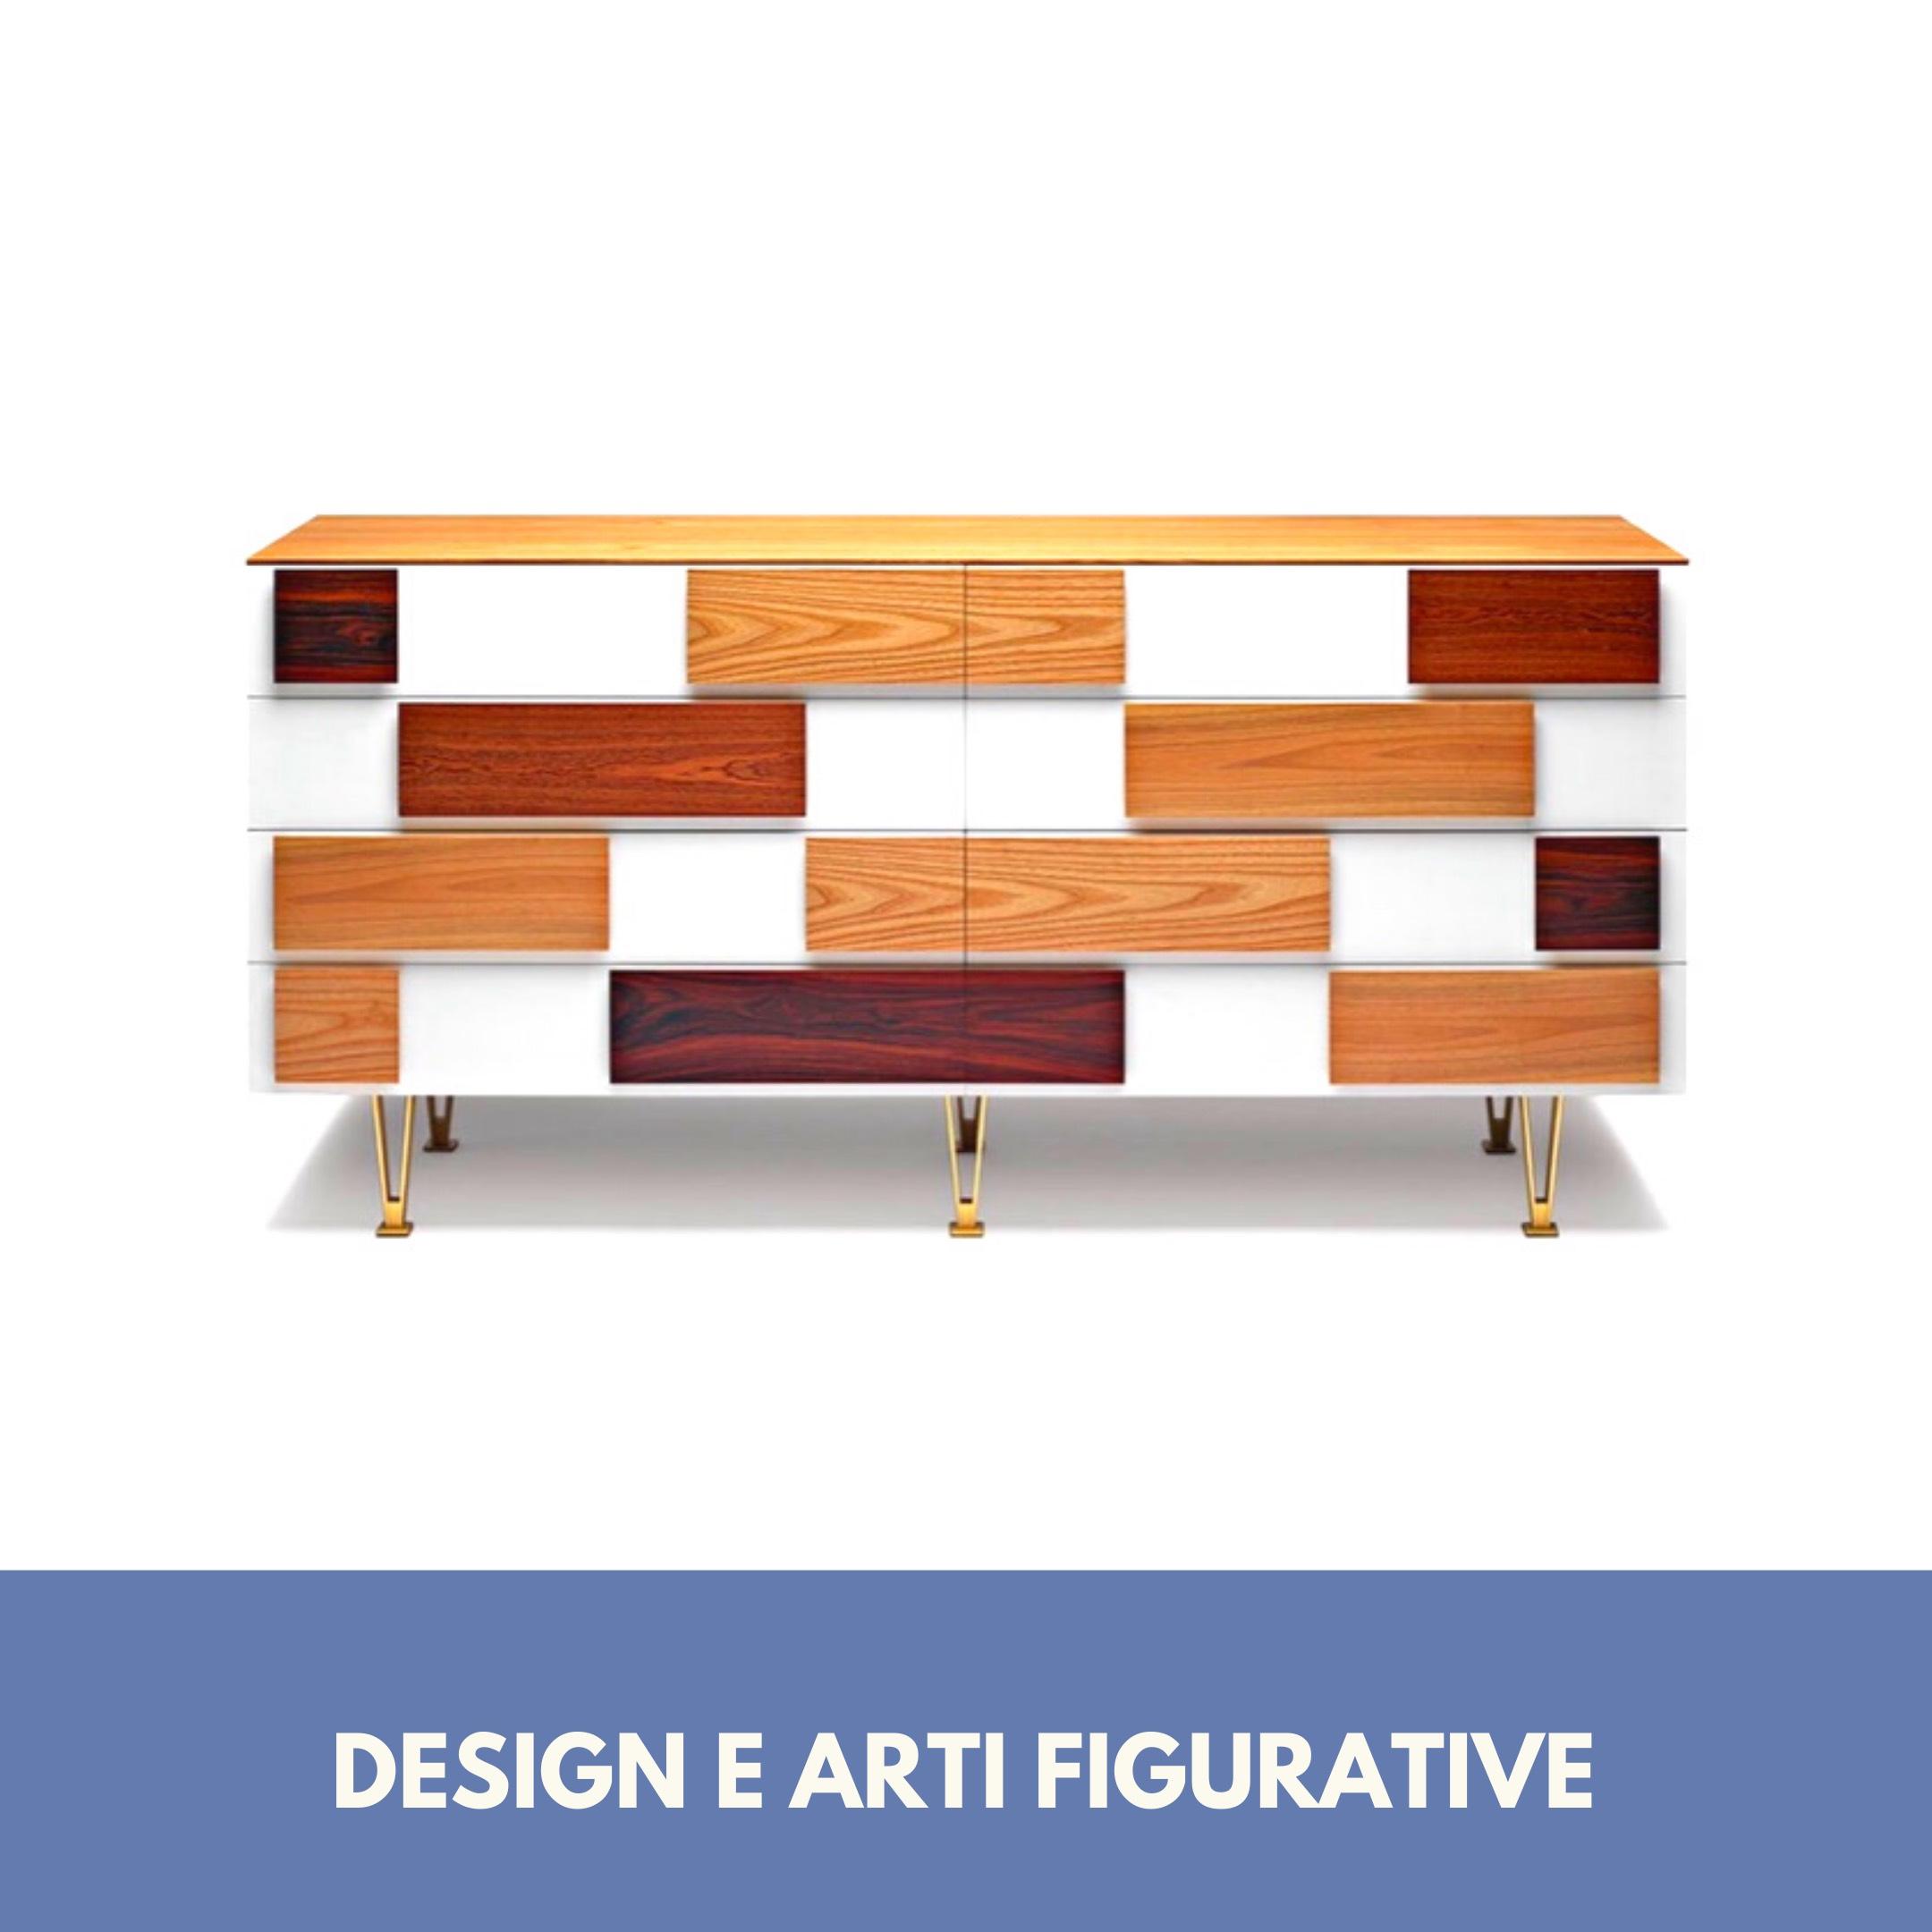 DESIGN E ARTI FIGURATIVE